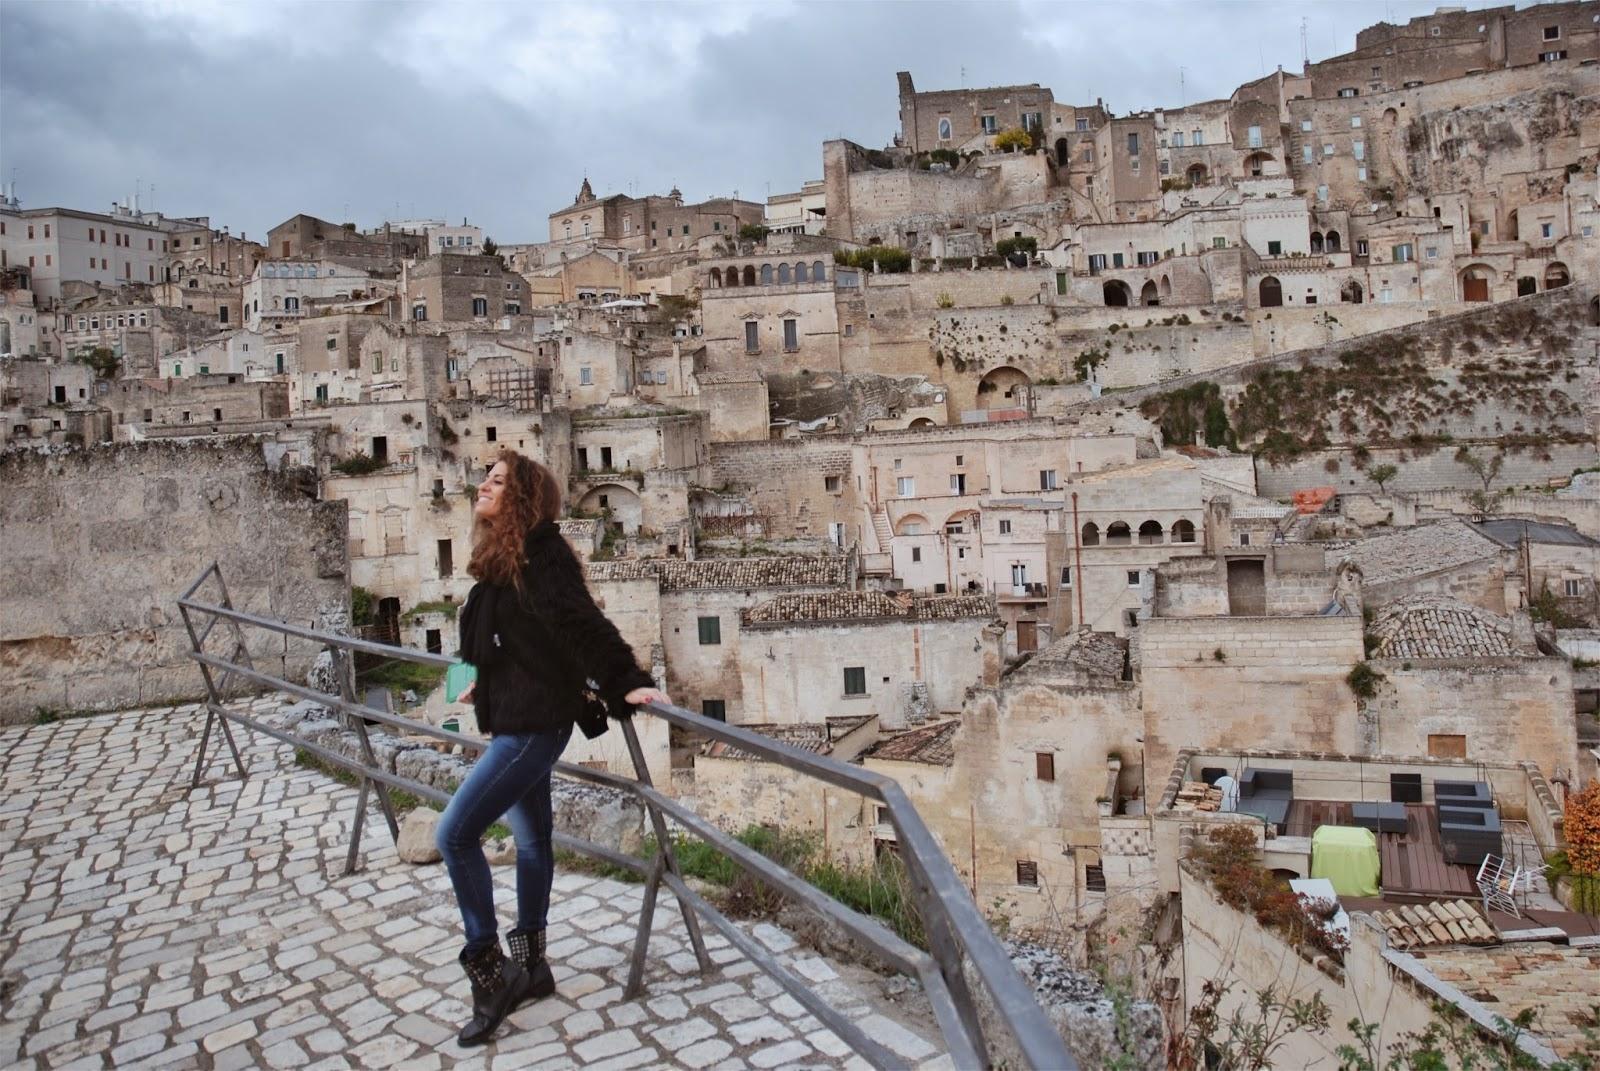 viaggio a matera cosa vedere dove dormire e dove mangiare, viaggio a Matera, cosa vedere a Matera, Matera capitale cultura, Matera 2019, cosa fare a Matera, cosa vedere a Matera